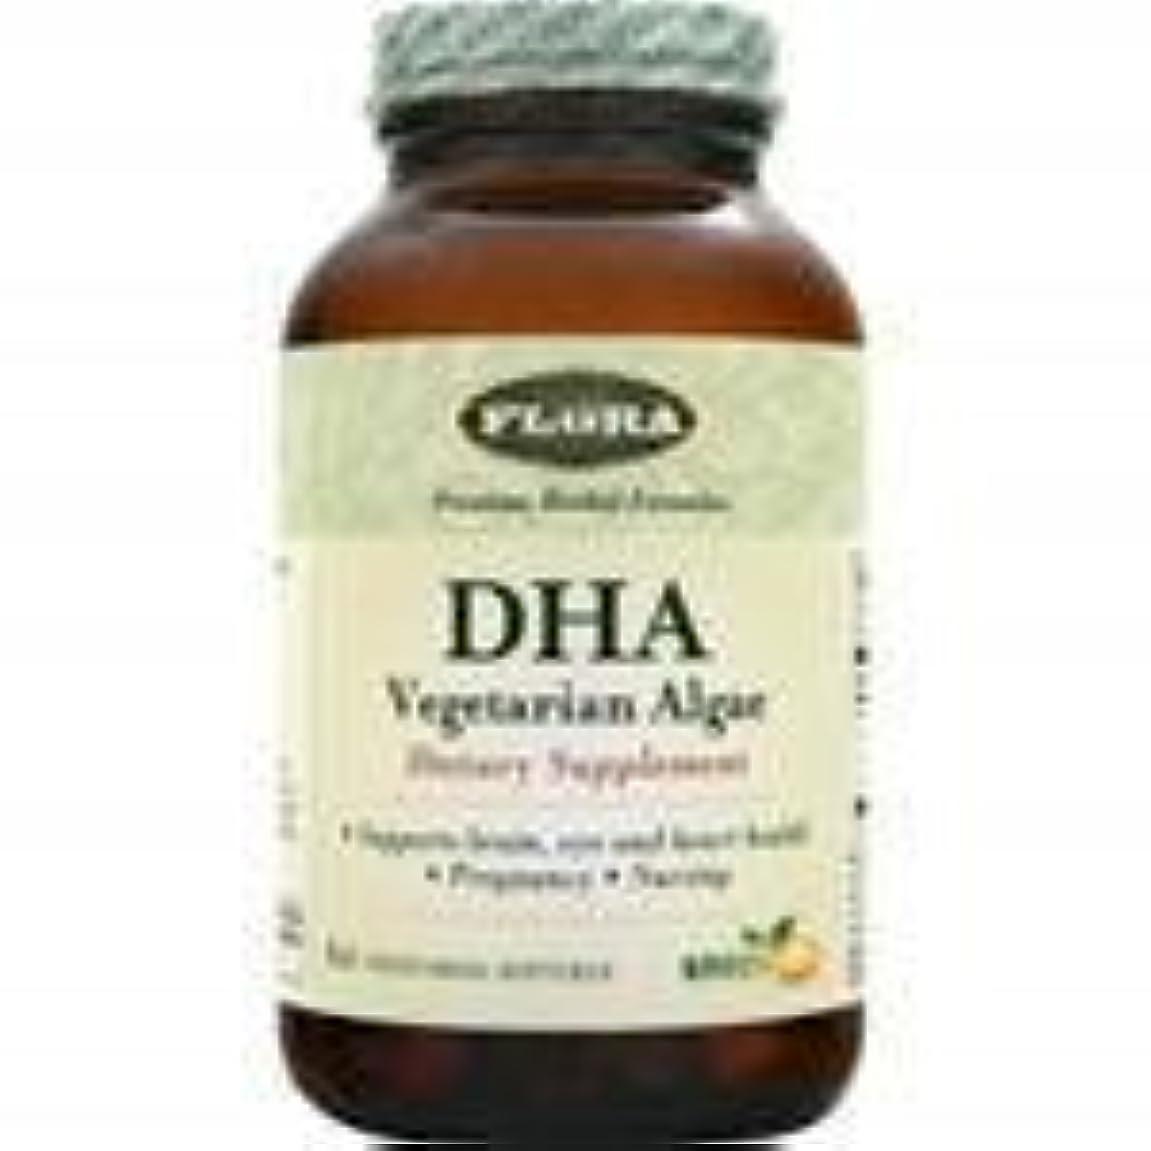 ボイコット爆発する七面鳥DHA - ベジタリアン藻類 60 ソフトジェル 2個パック